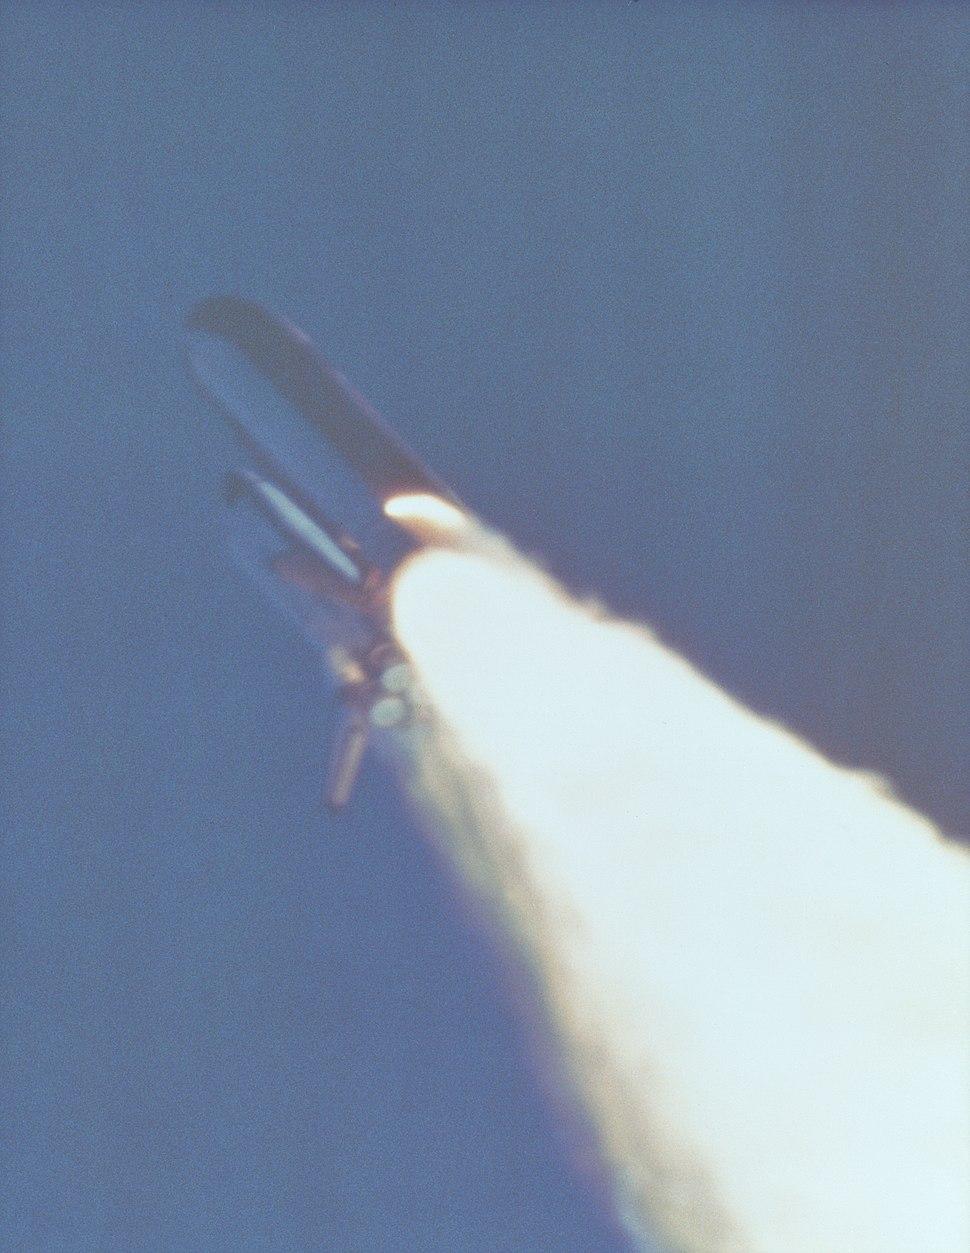 Booster Rocket Breach - GPN-2000-001425